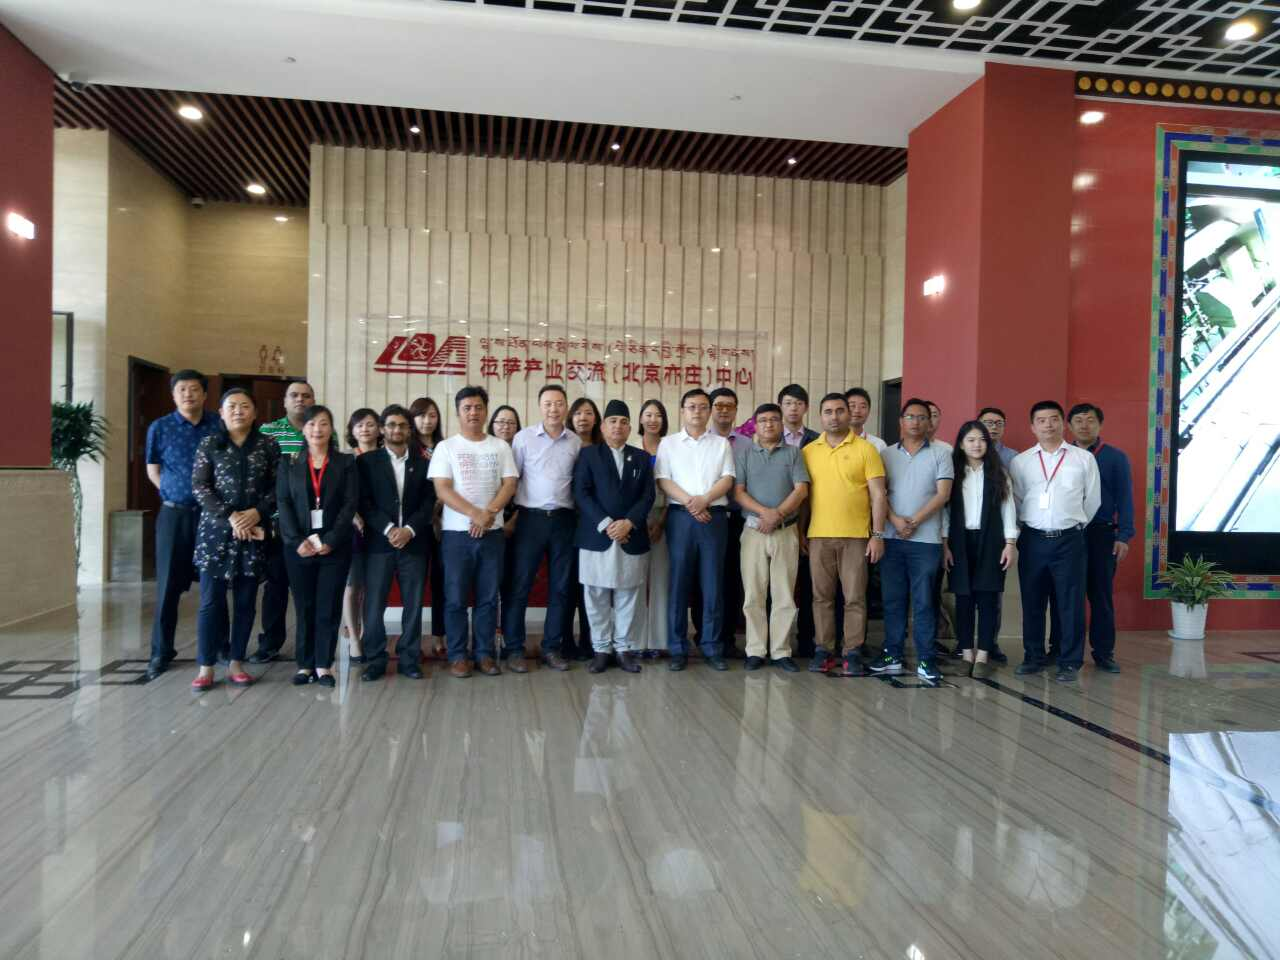 नेपाली प्रतिनिधि चीन भ्रमण   बीआरईको पहिलो सम्मेलन १३-१४ मे, २०१७  बेजिङ्ग औद्योगिक क्षेत्रको अवलोकन